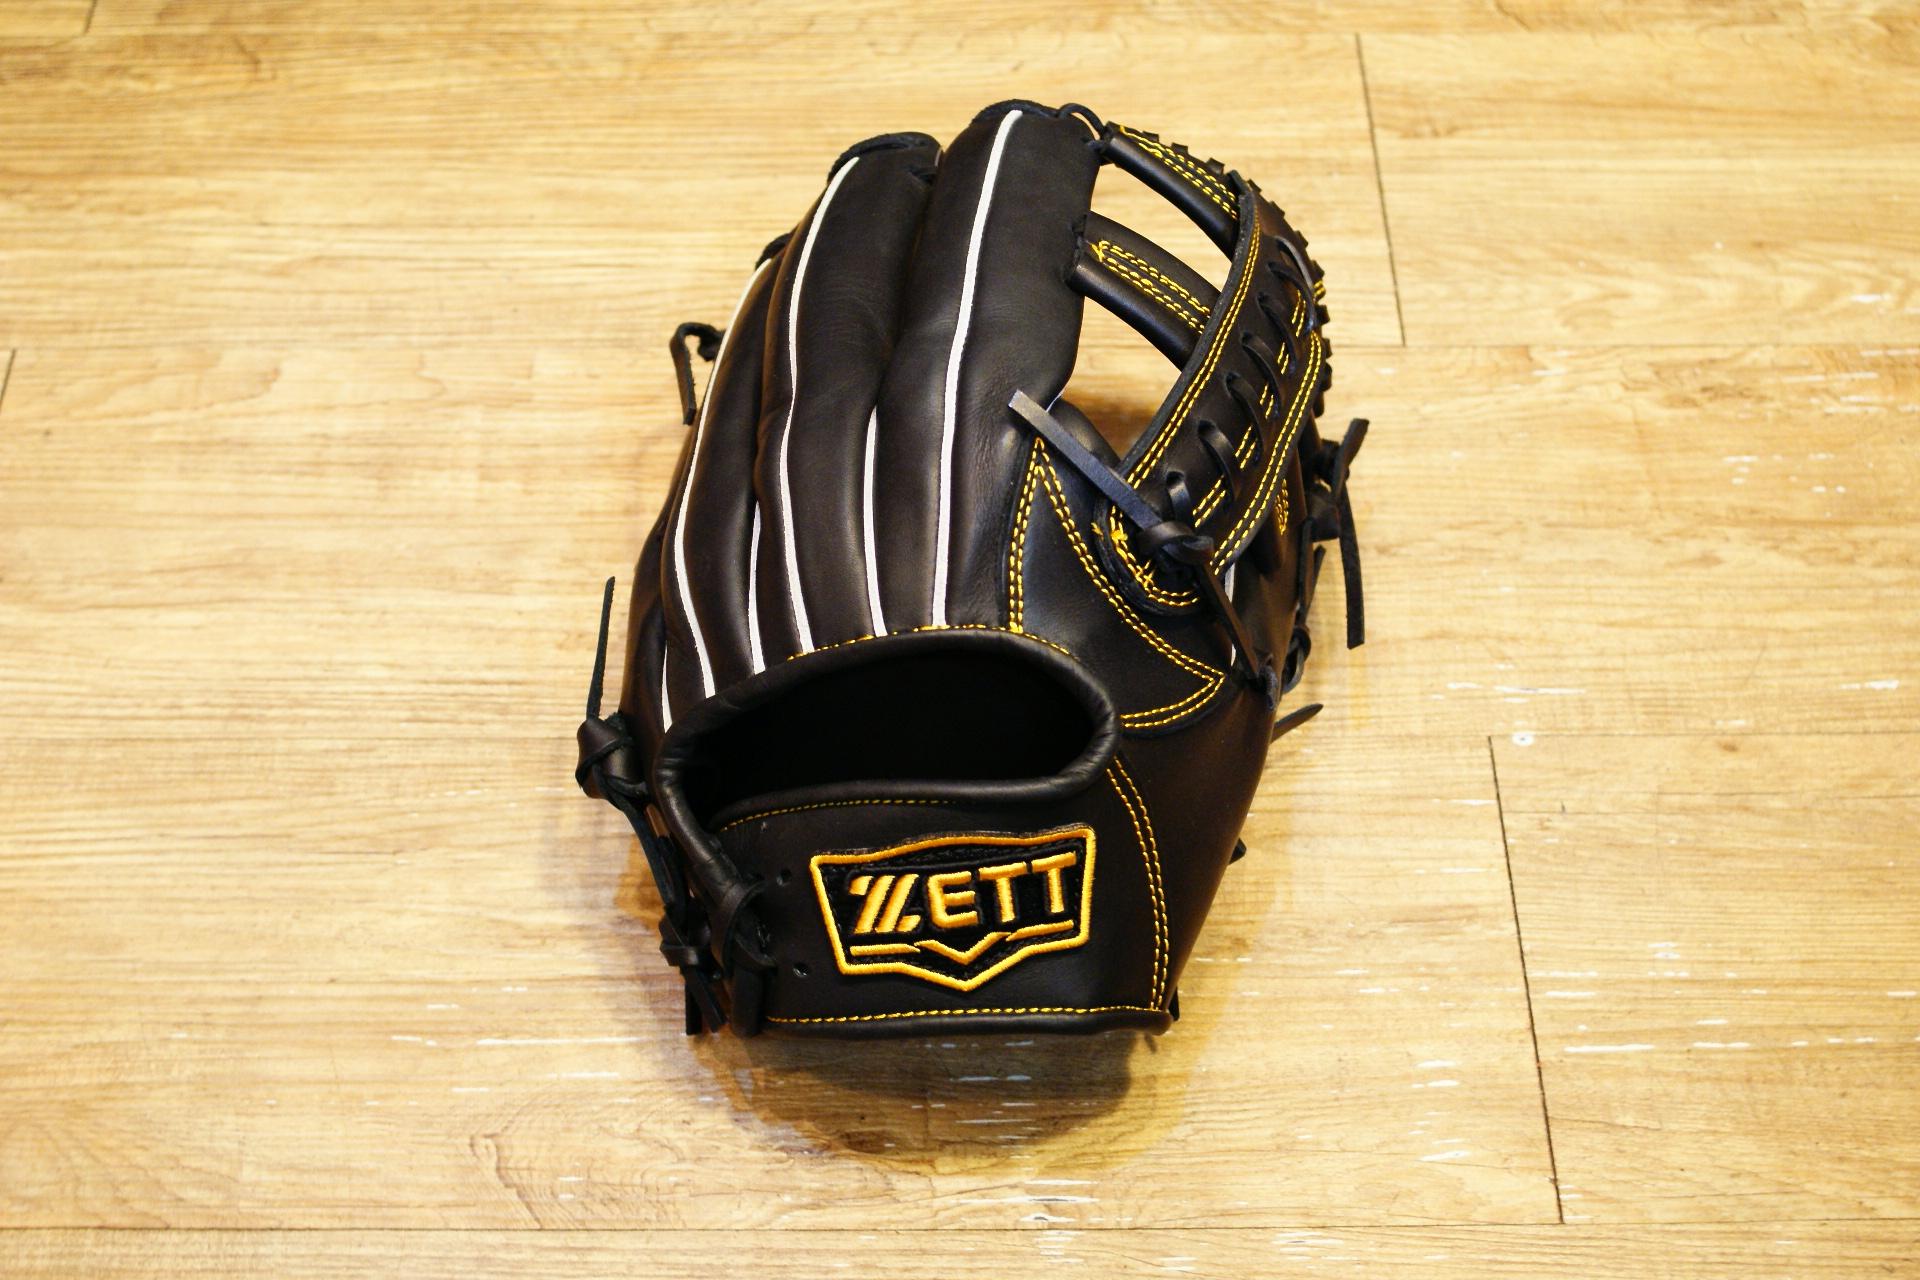 棒球世界 全新 ZETT本壘版新標訂製硬式牛皮內野手套 特價 12吋 限量日本最新球檔 黑色